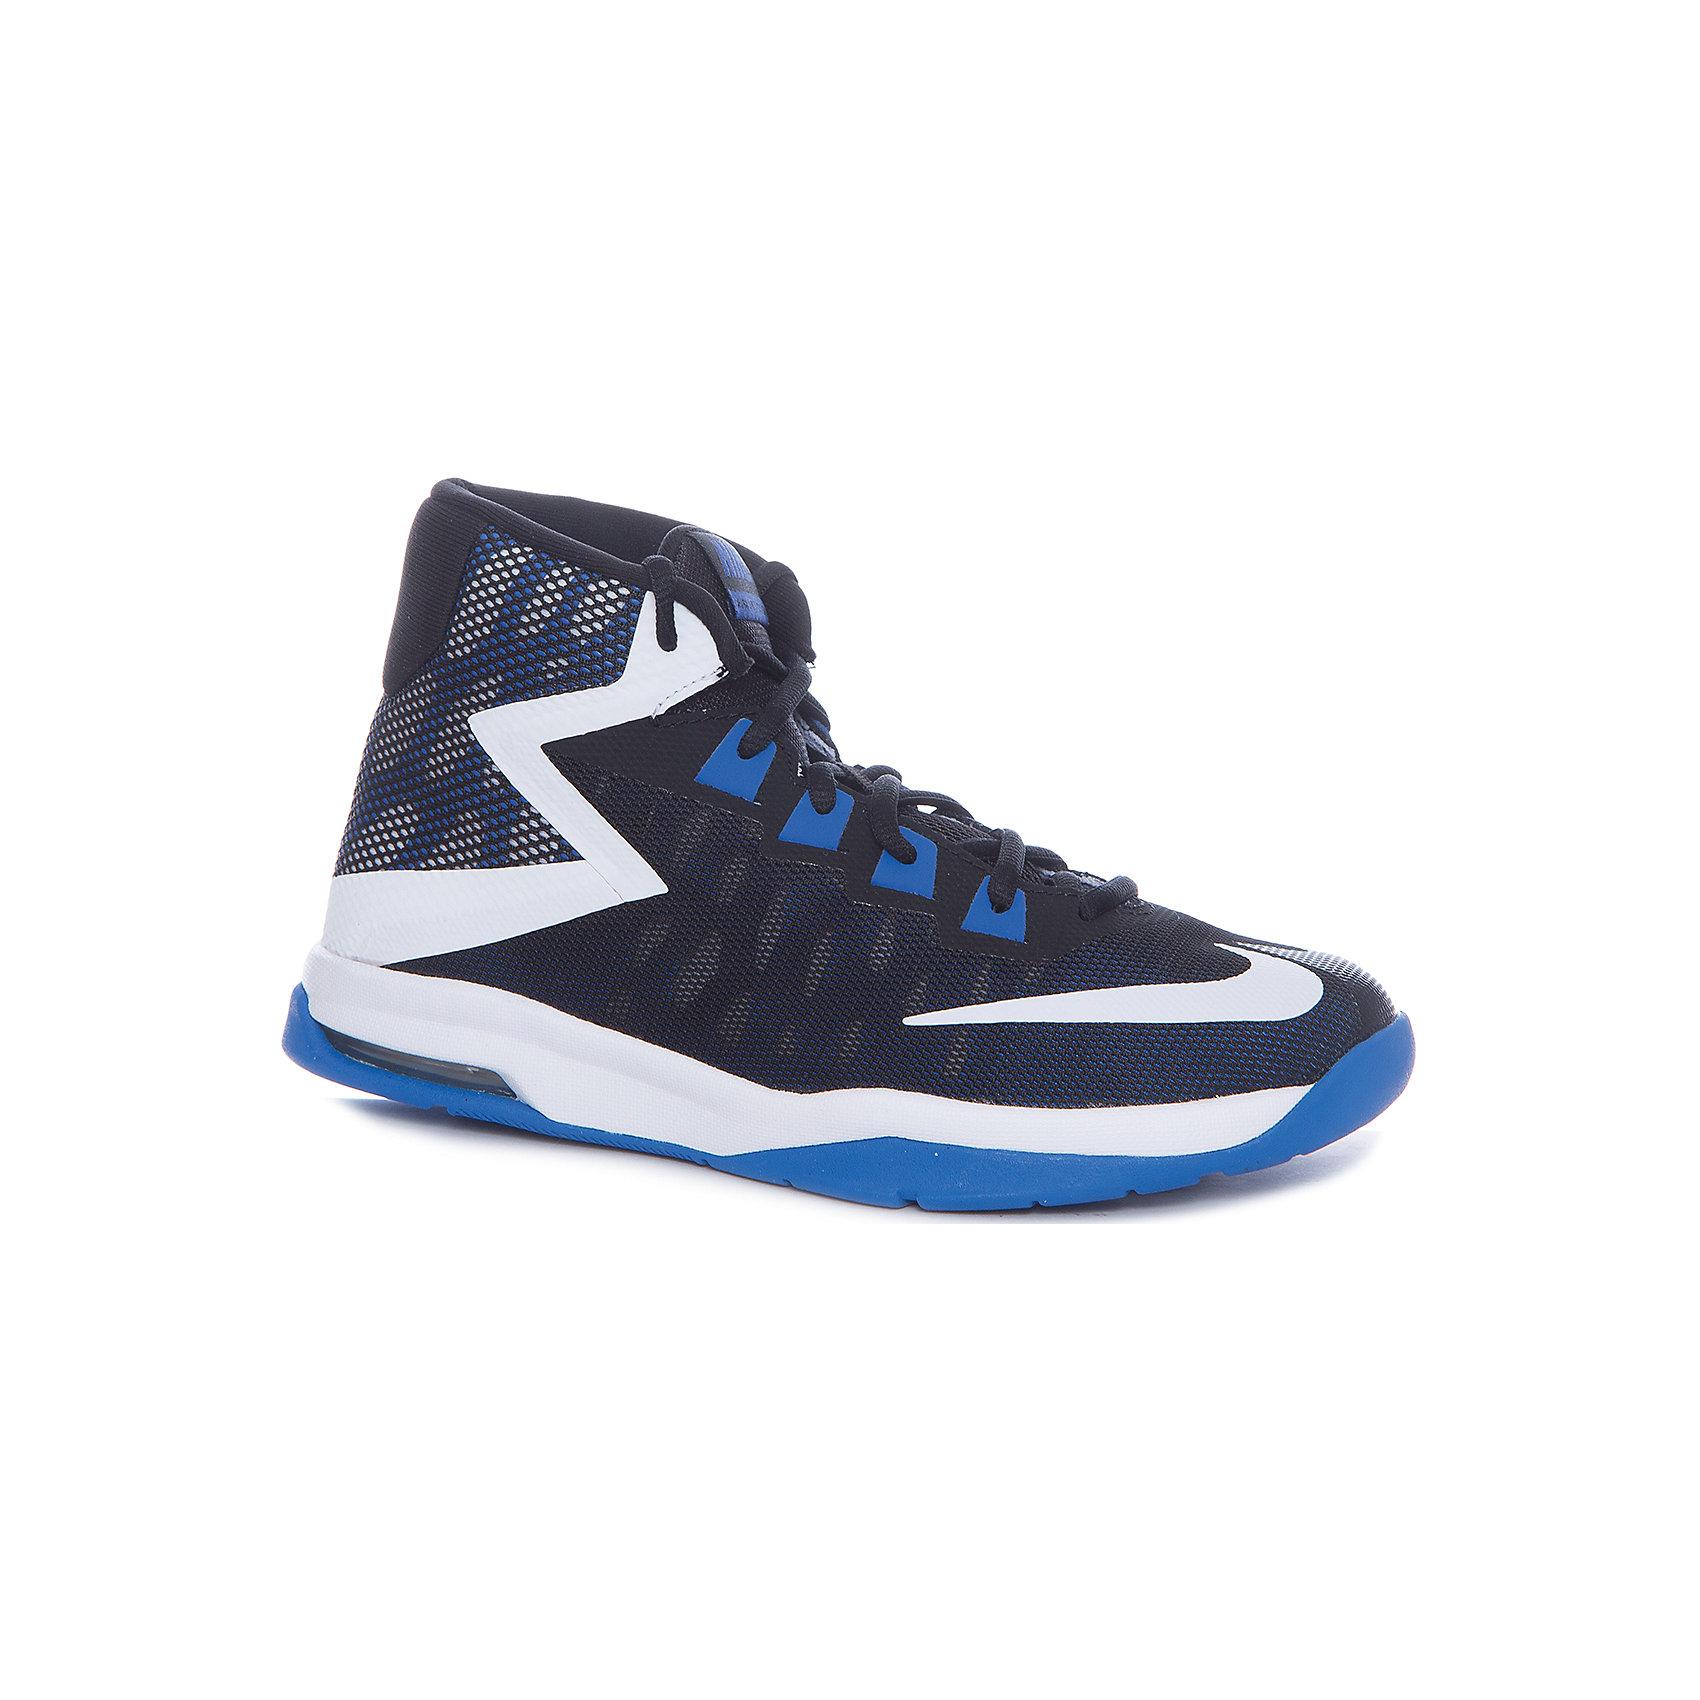 Кроссовки NIKEКроссовки<br>Характеристики товара:<br><br>• цвет: синий<br>• спортивный стиль<br>• внешний материал обуви: искусственная кожа, текстиль<br>• внутренний материал: текстиль<br>• стелька: текстиль<br>• подошва: резина<br>• легкие<br>• дышащие<br>• декорированы логотипом<br>• вставка в подошве для мягкой амортизации<br>• тип застежки: шнуровка<br>• сезон: весна, лето<br>• температурный режим: от +10°С до +20°С<br>• устойчивая подошва<br>• защищенный мыс и пятка<br>• износостойкий материал<br>• коллекция: весна-лето 2017<br>• страна бренда: США<br>• страна изготовитель: Индонезия<br><br>Продукция бренда NIKE известна высоким качеством, уникальным узнаваемым дизайном и проработанными деталями, которые создают удобство при занятиях спортом и долгой ходьбе. Качественный текстиль в качестве внутреннего материала помогает этой модели обеспечить ребенку комфорт и предотвратить натирание.<br><br>Уход за такой обувью прост, она легко чистится и быстро сушится. Надевается элементарно благодаря удобным застежкам. <br><br>Обувь качественно проработана, она долго служит, удобно сидит, отлично защищает детскую ногу от повреждений. Стильно выглядит и хорошо смотрится с одеждой разных цветов и стилей.<br><br>Кроссовки NIKE (Найк) можно купить в нашем интернет-магазине.<br><br>Ширина мм: 250<br>Глубина мм: 150<br>Высота мм: 150<br>Вес г: 250<br>Цвет: черный<br>Возраст от месяцев: 132<br>Возраст до месяцев: 144<br>Пол: Унисекс<br>Возраст: Детский<br>Размер: 34.5,35.5,36,37,37.5,38,38.5,39<br>SKU: 6676603